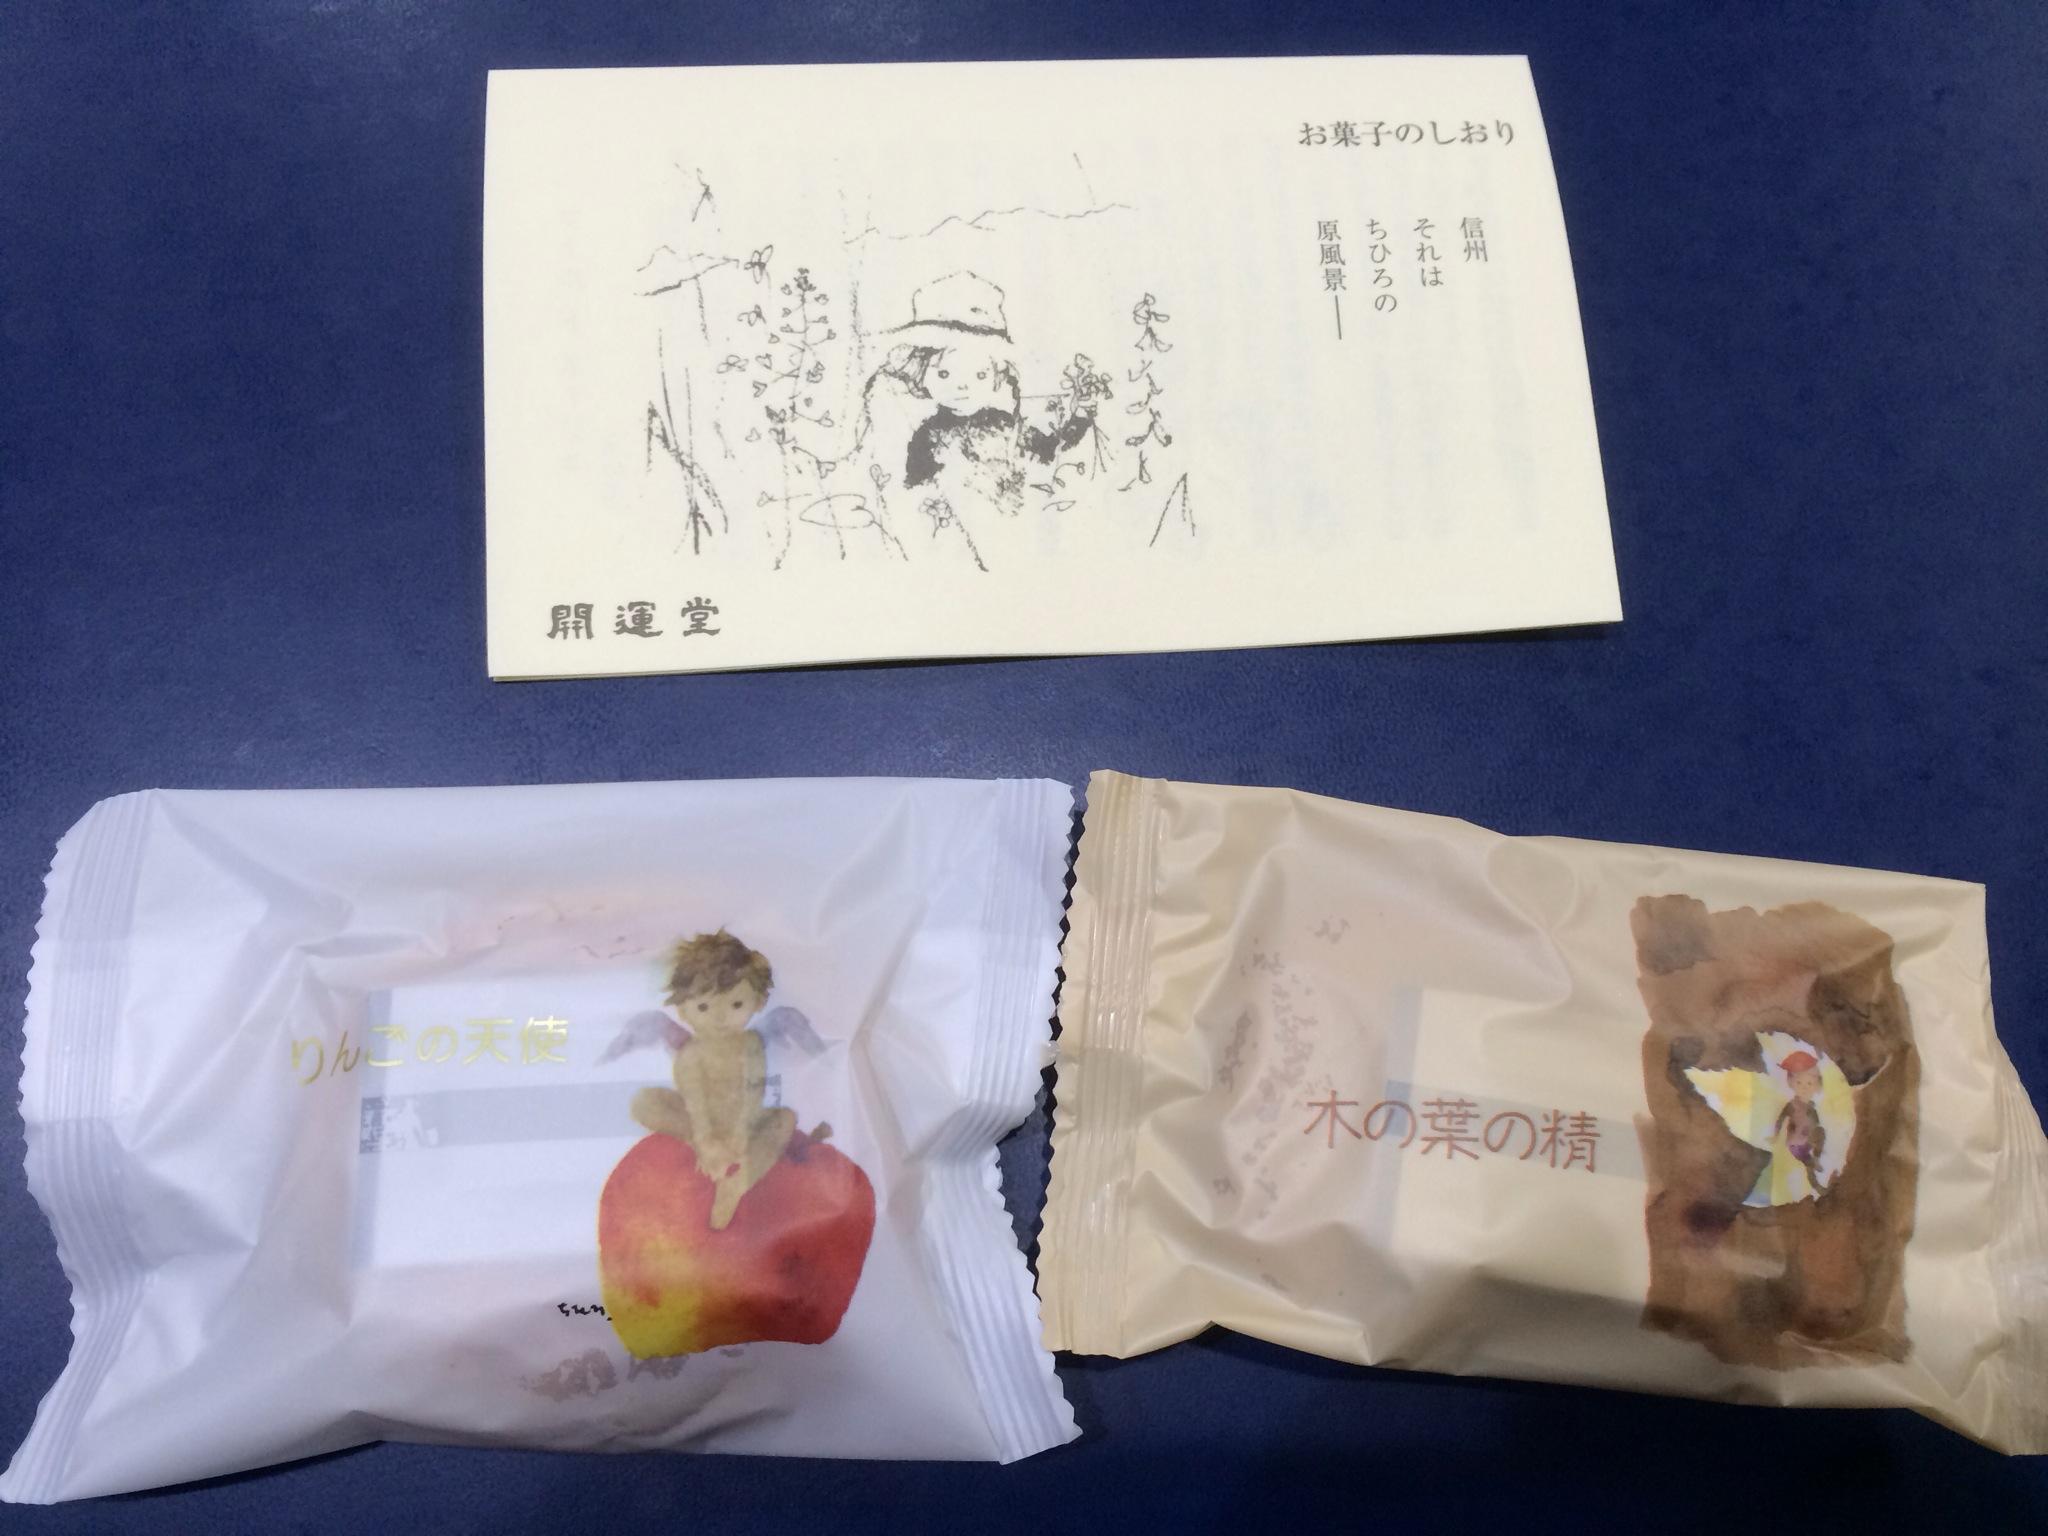 開運堂のお菓子!りんごの天使!木の葉の精!!